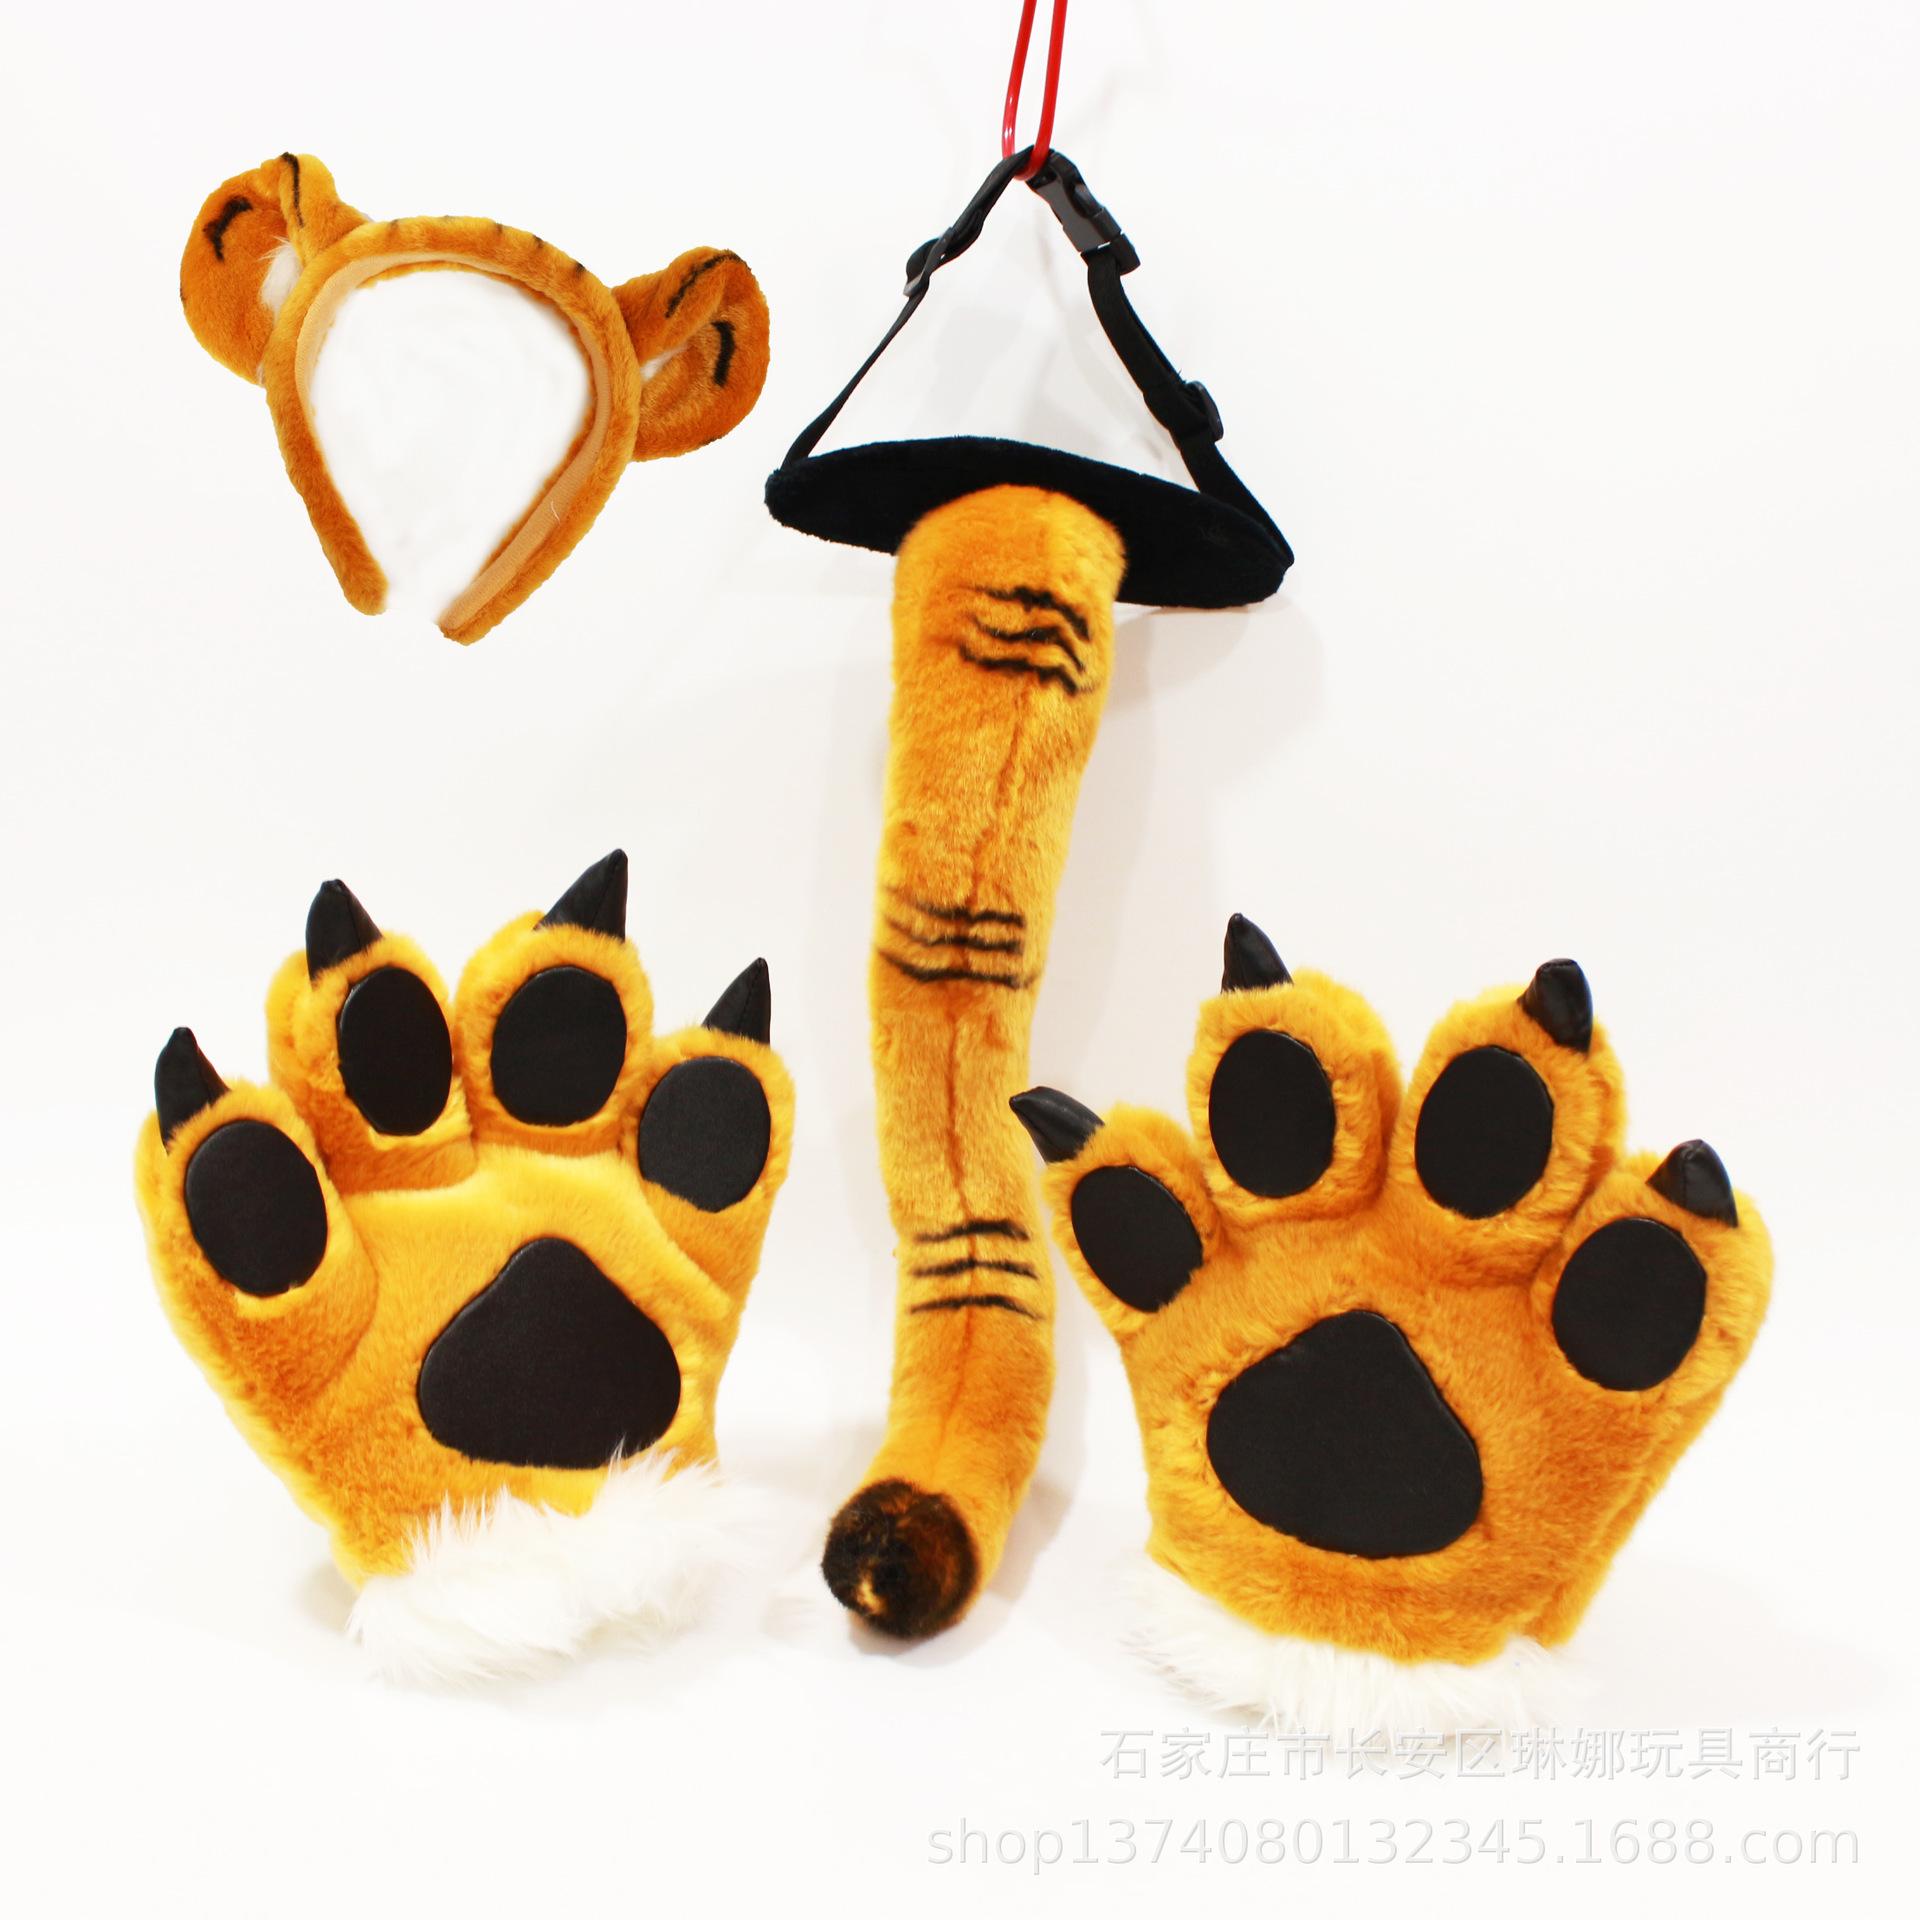 仿真老虎尾巴爪子毛绒玩偶狮子恐龙长颈鹿豹子玩具儿童表演道具